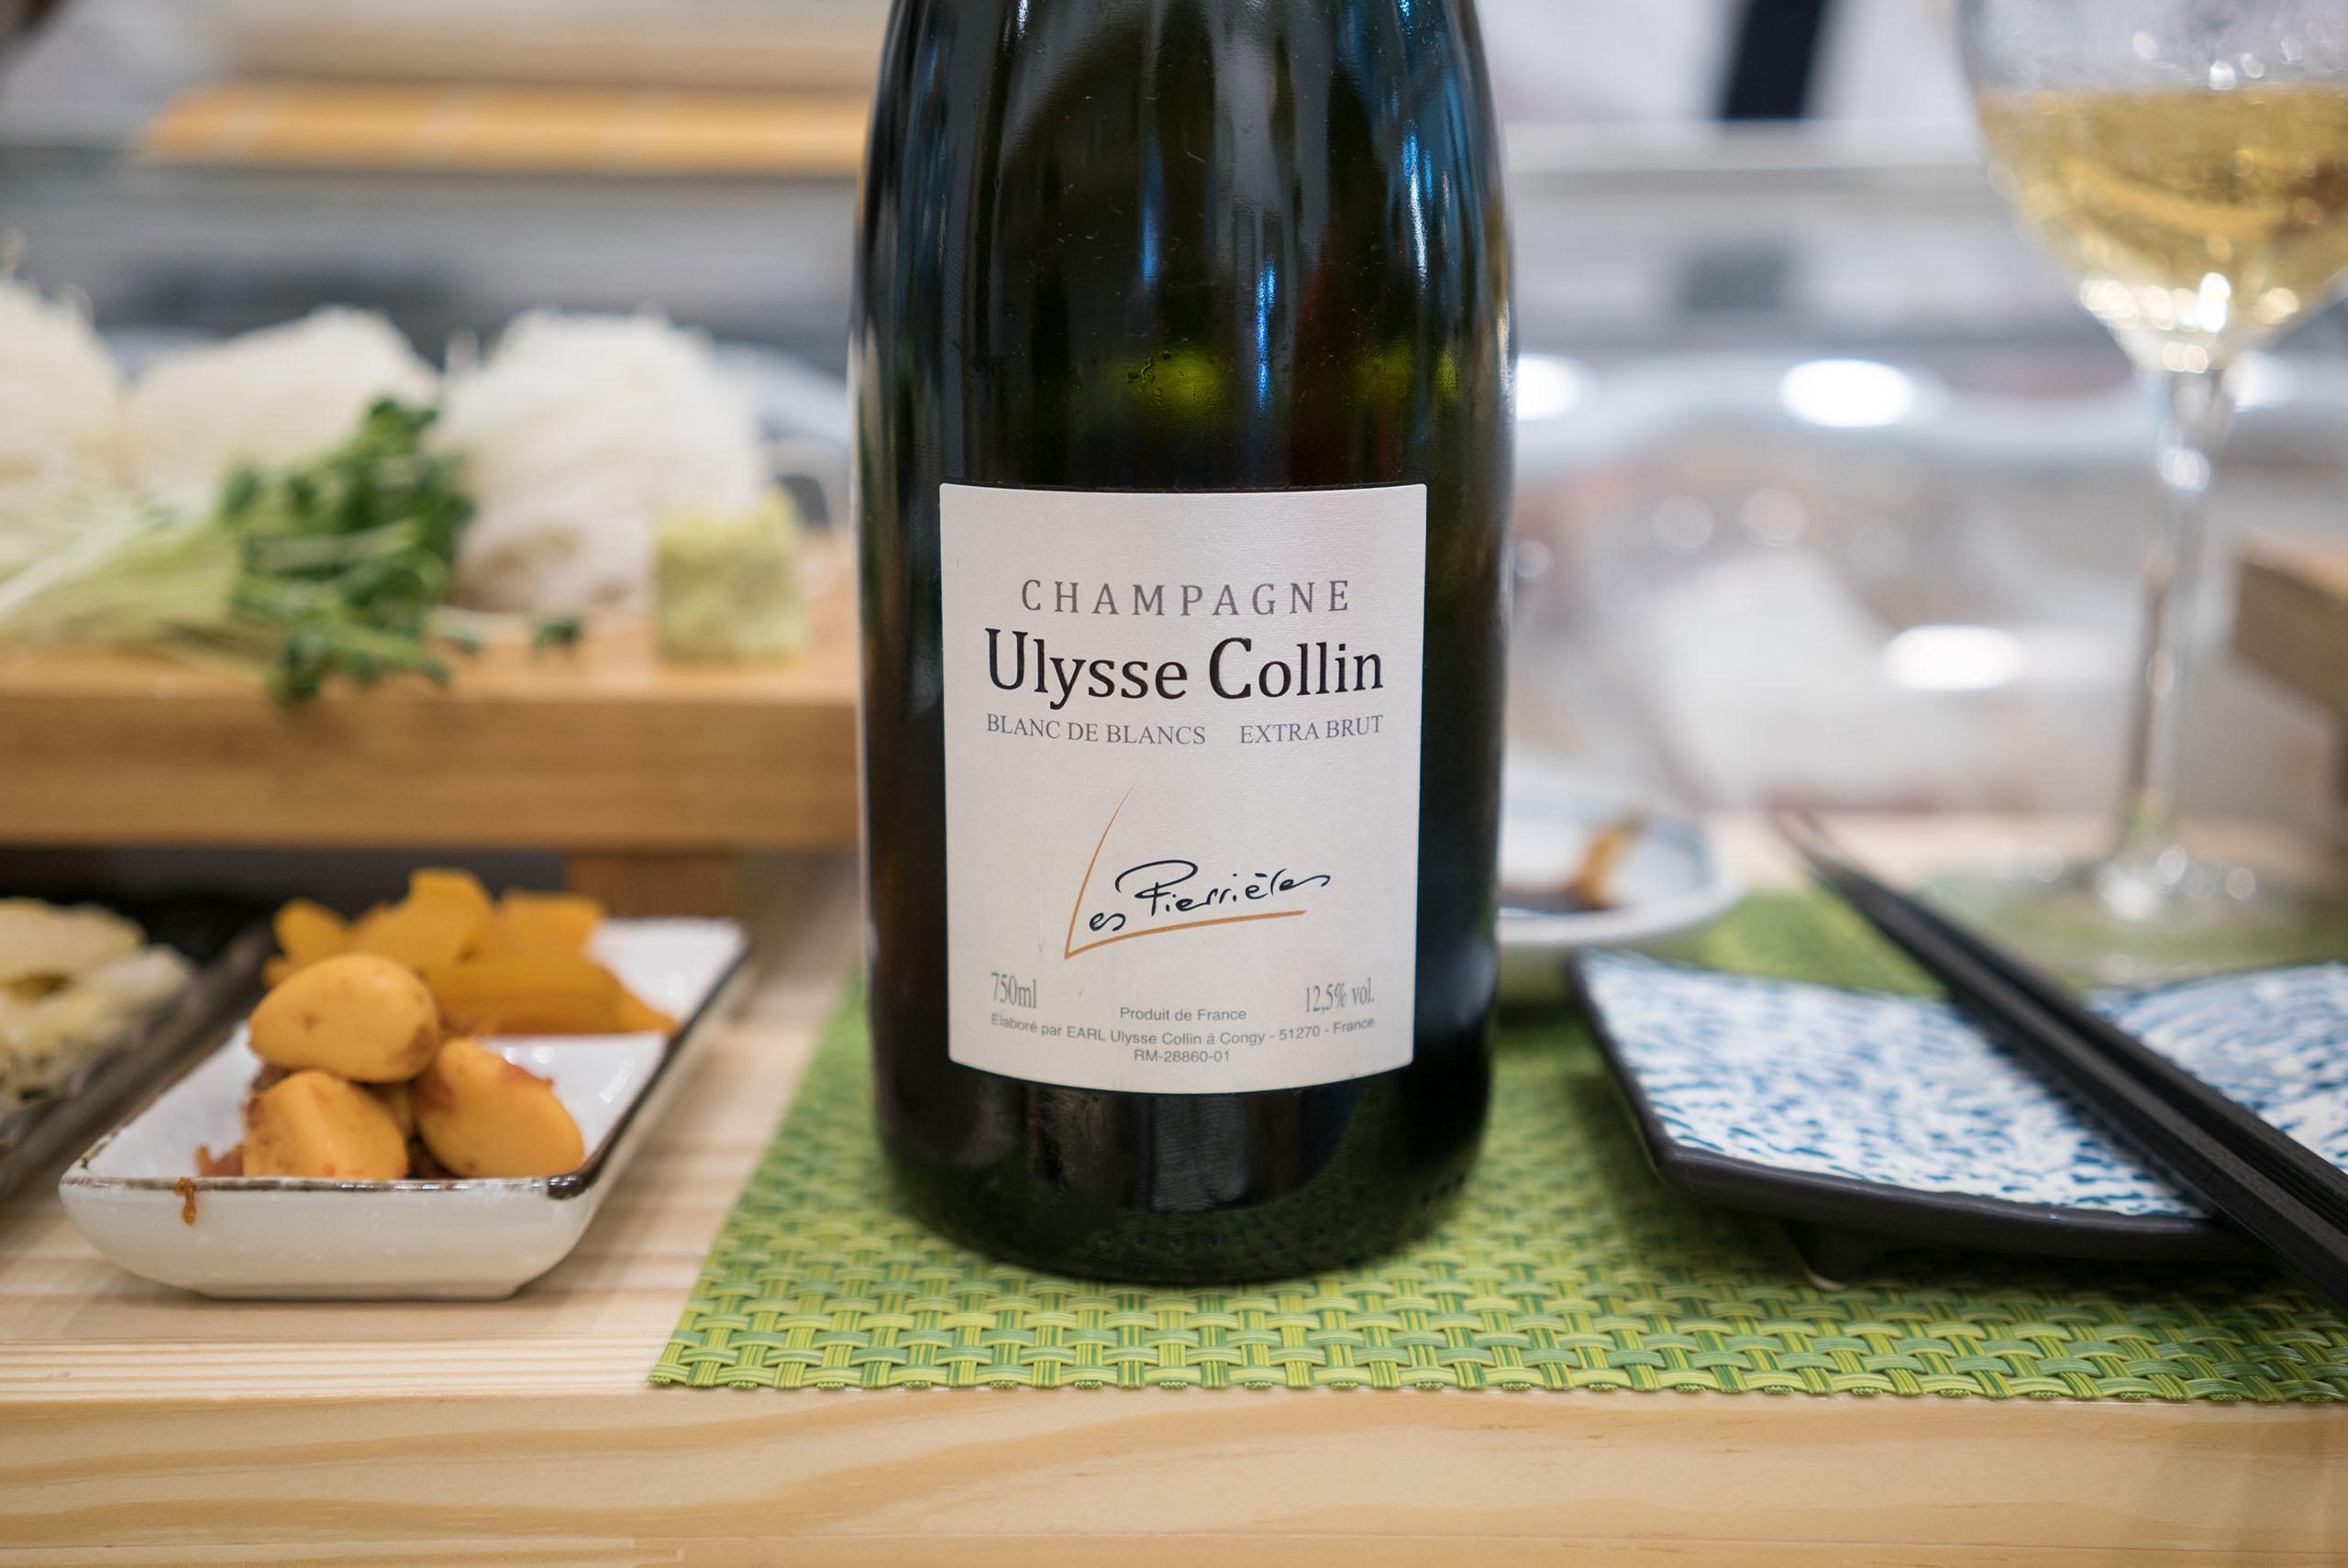 Champagne Ulysse Collin Les Roises Blanc de Blancs Extra Brut